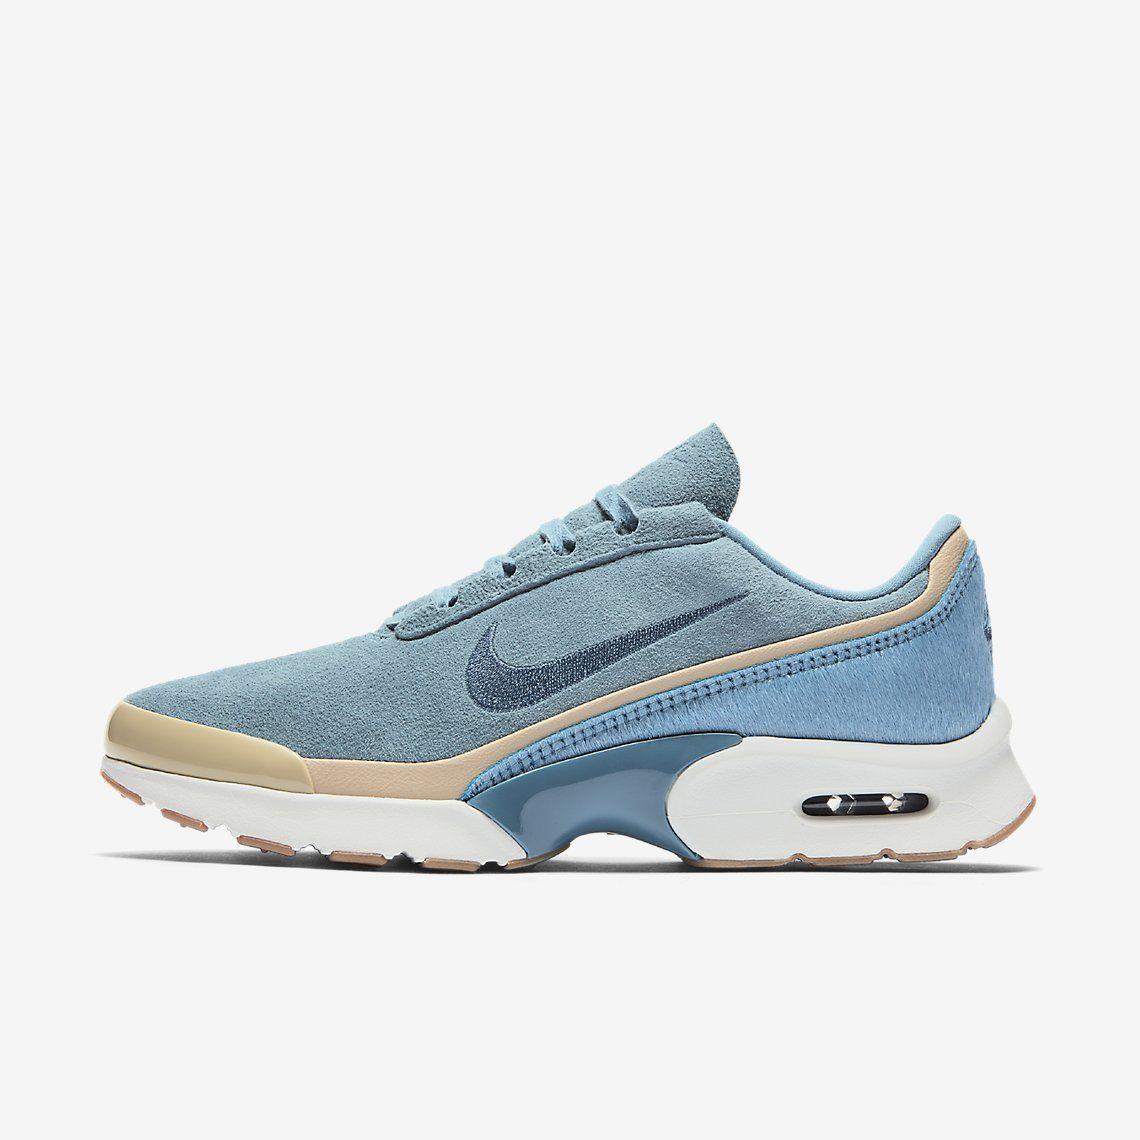 sneakers for cheap 5b8cc 1a25f Découvrez toute la collection de chaussures, vêtements et équipements Nike  sur www.nike.